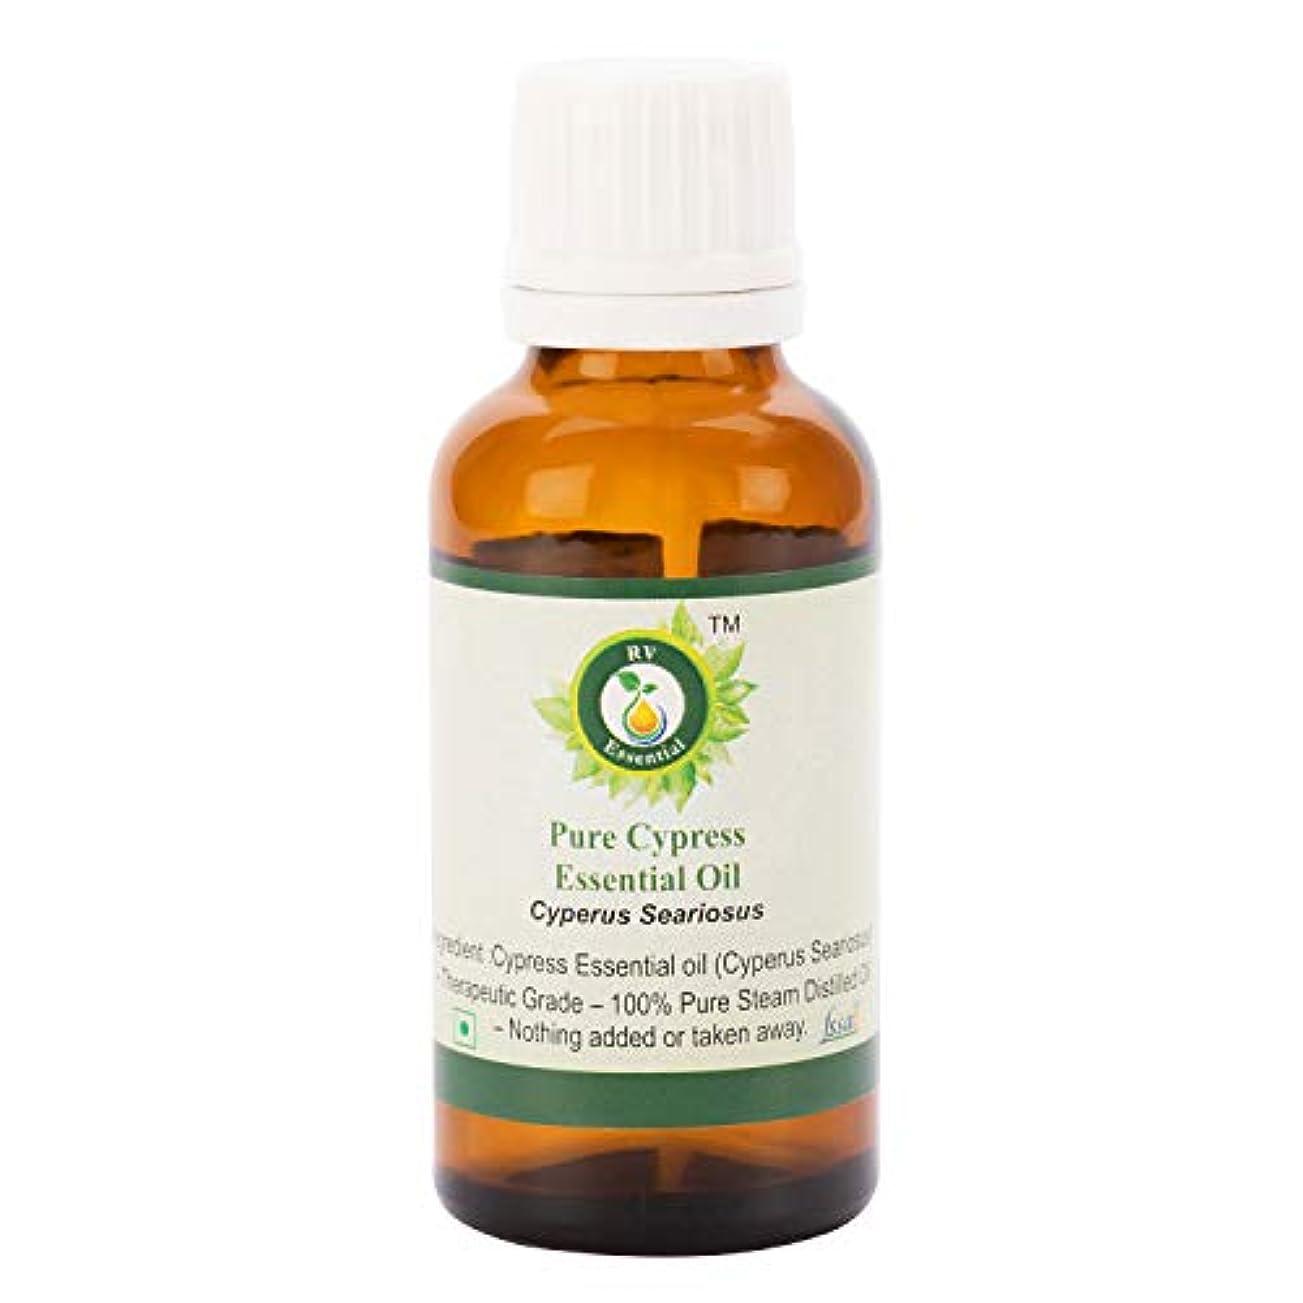 永続世界的にくつろぐピュアサイプレスエッセンシャルオイル100ml (3.38oz)- Cyperus Seariosus (100%純粋&天然スチームDistilled) Pure Cypress Essential Oil